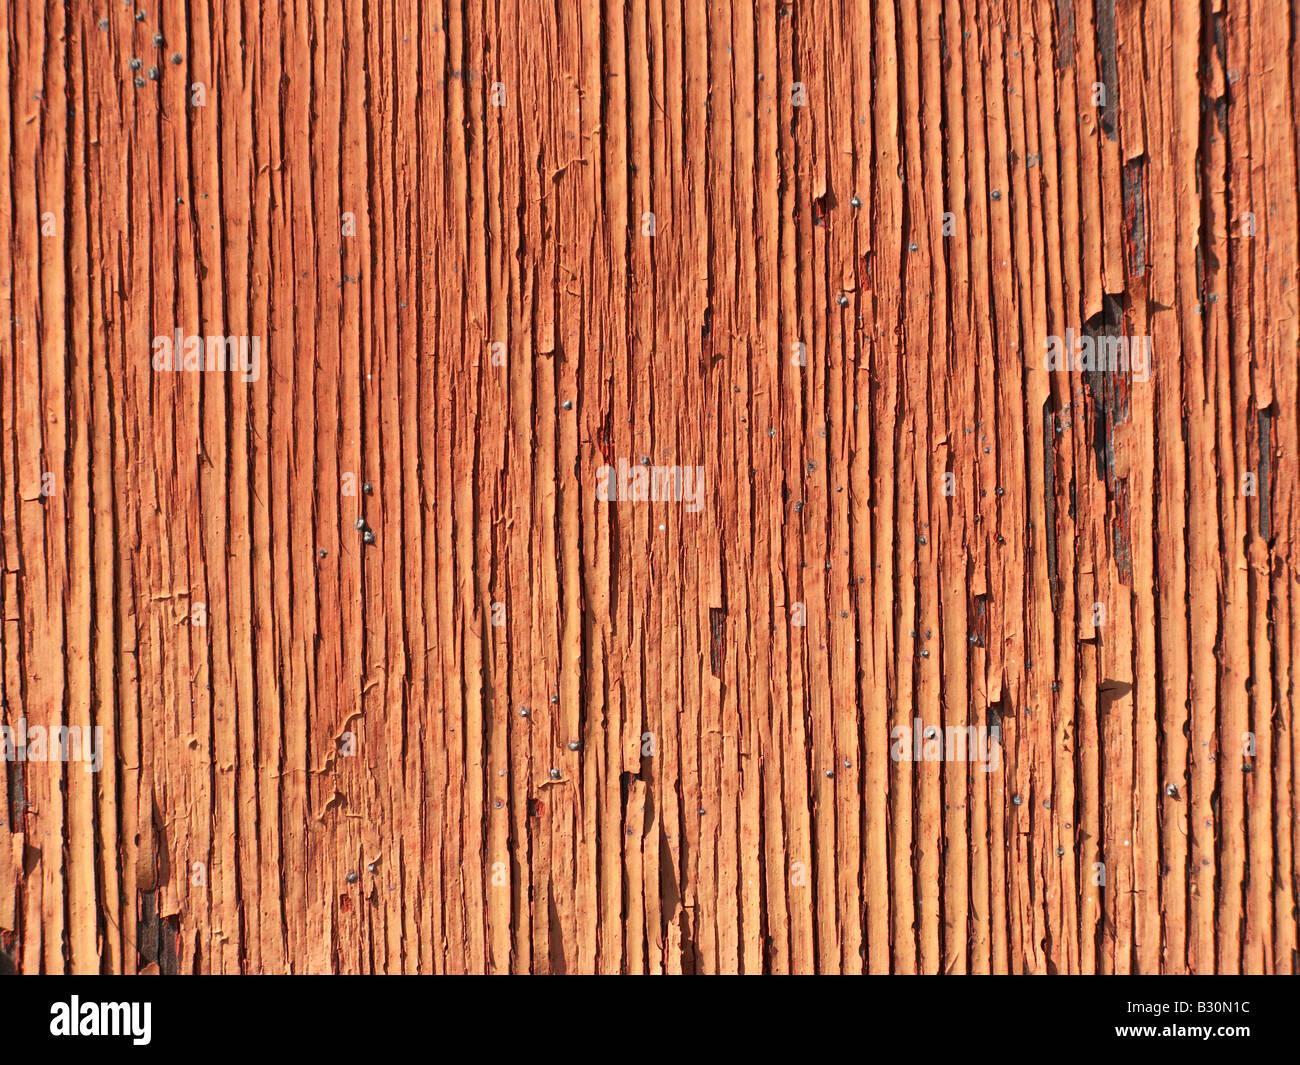 Zusammenfassung Hintergrund Nahaufnahme Oberflächenstruktur Stockbild